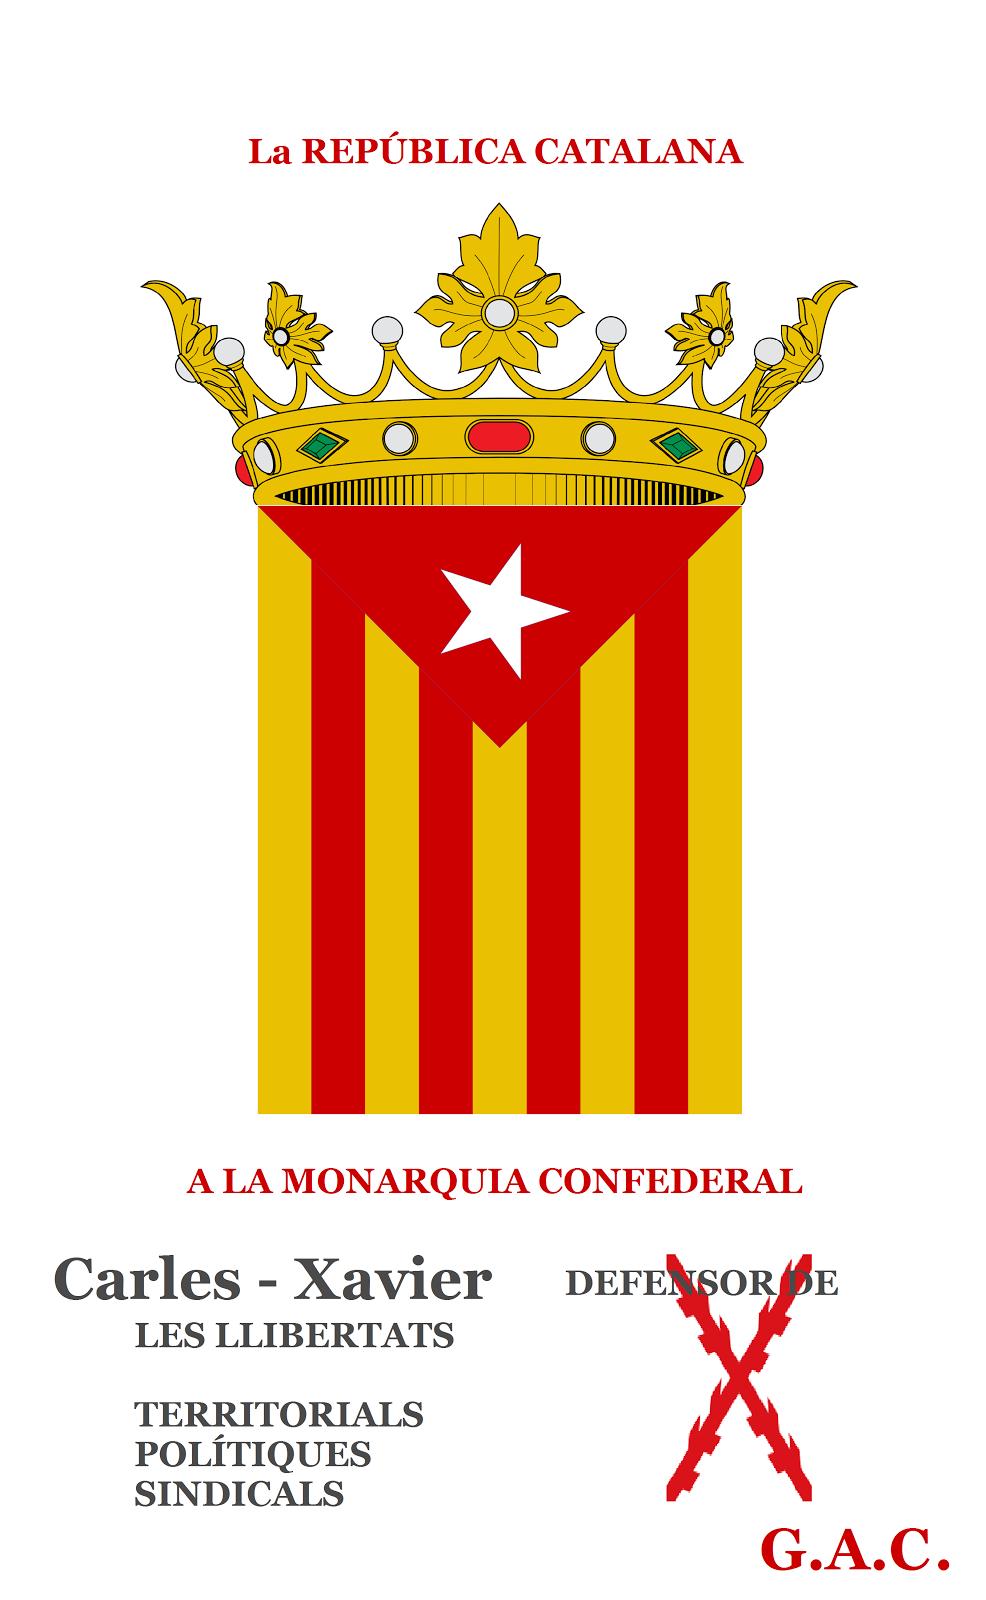 La República Catalana en la Monarquía Confederal